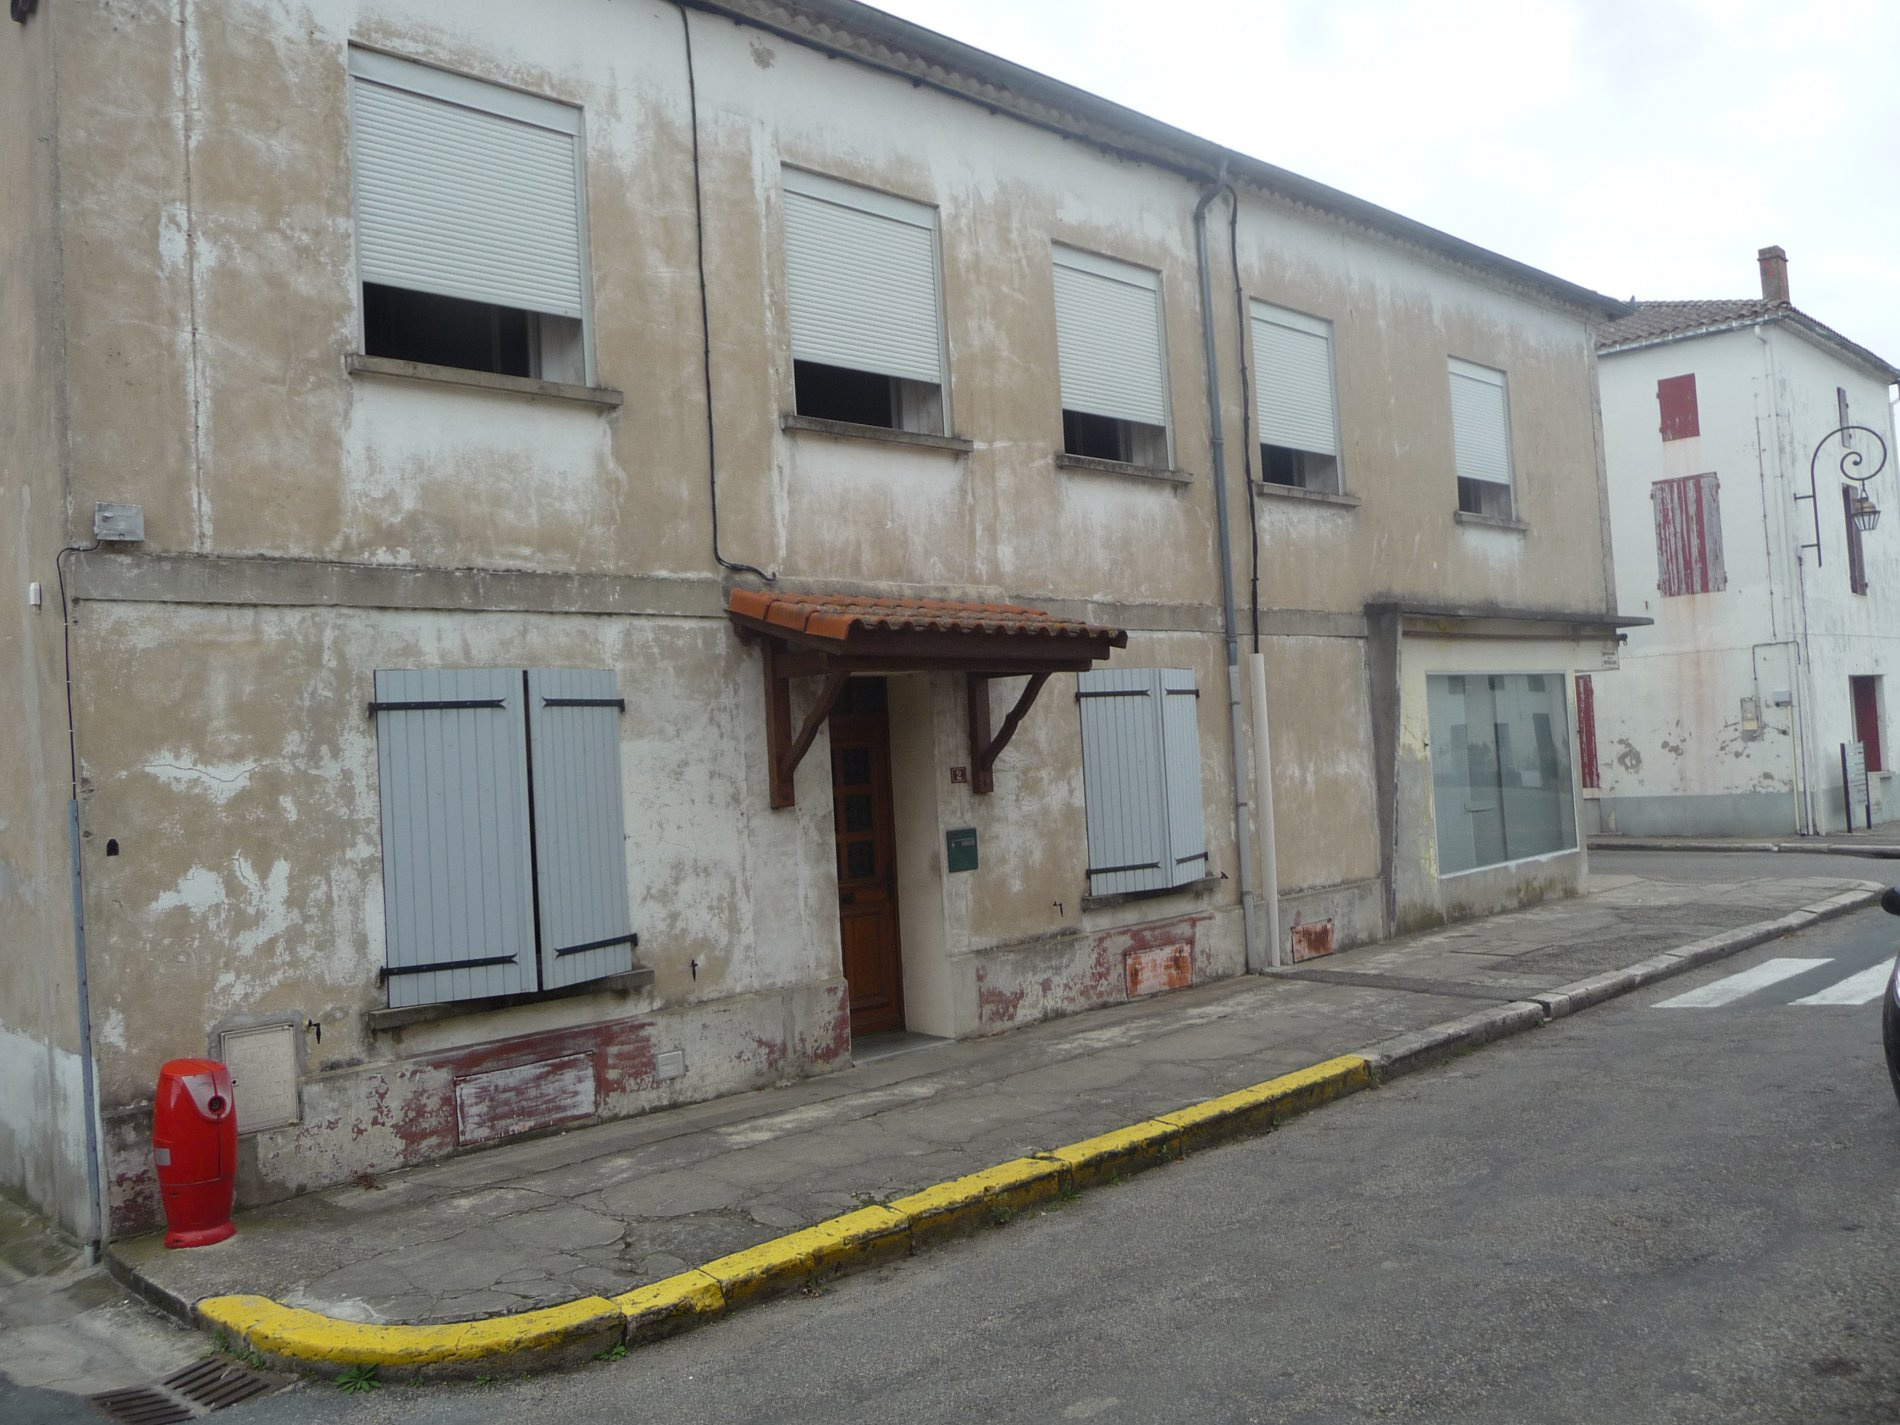 Maison villa en vente damazan au prix de 81 000 - La maison du radiateur ...